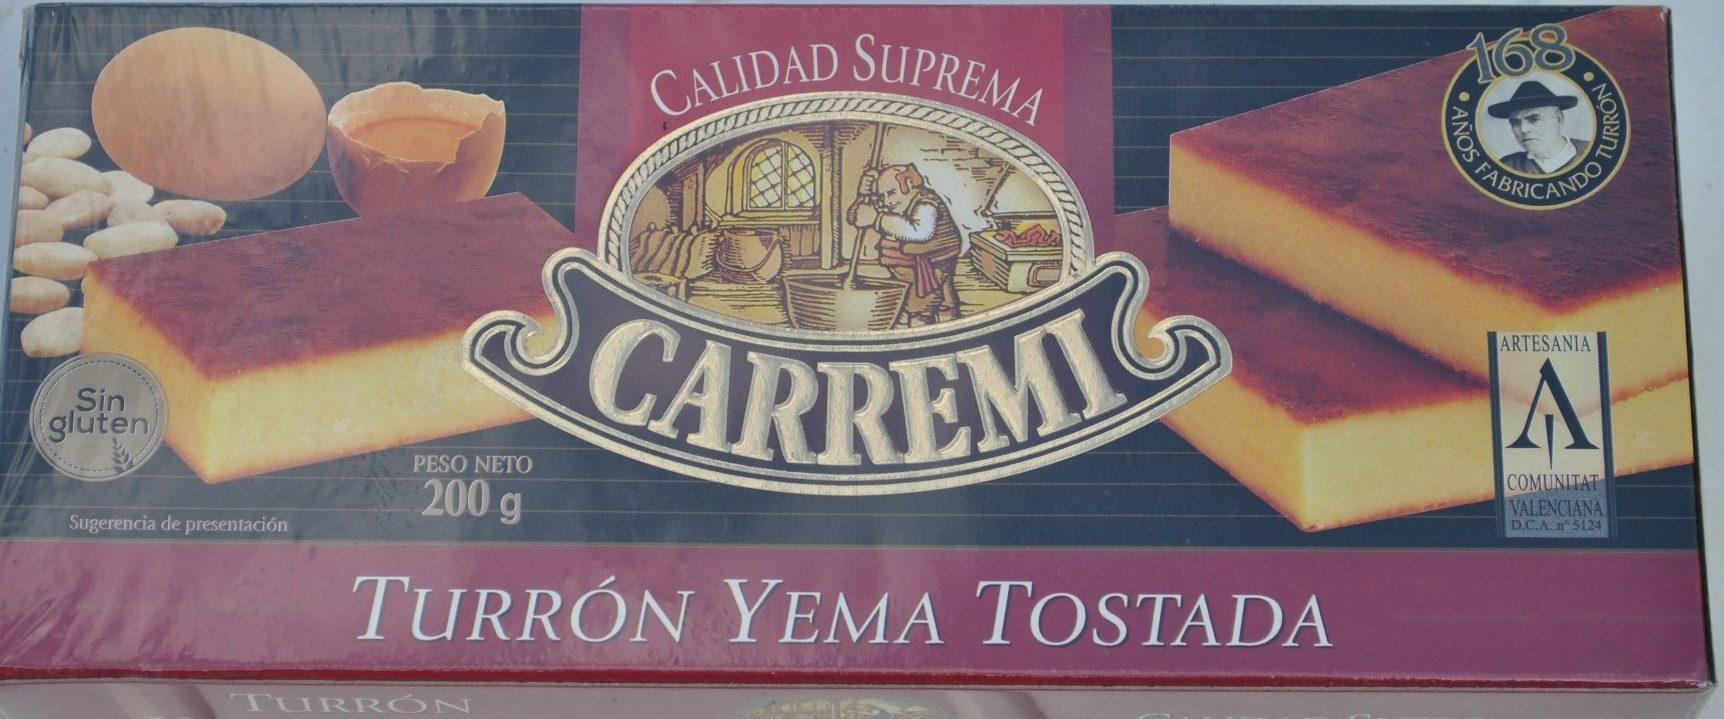 Turron Yema Tostada - Product - fr